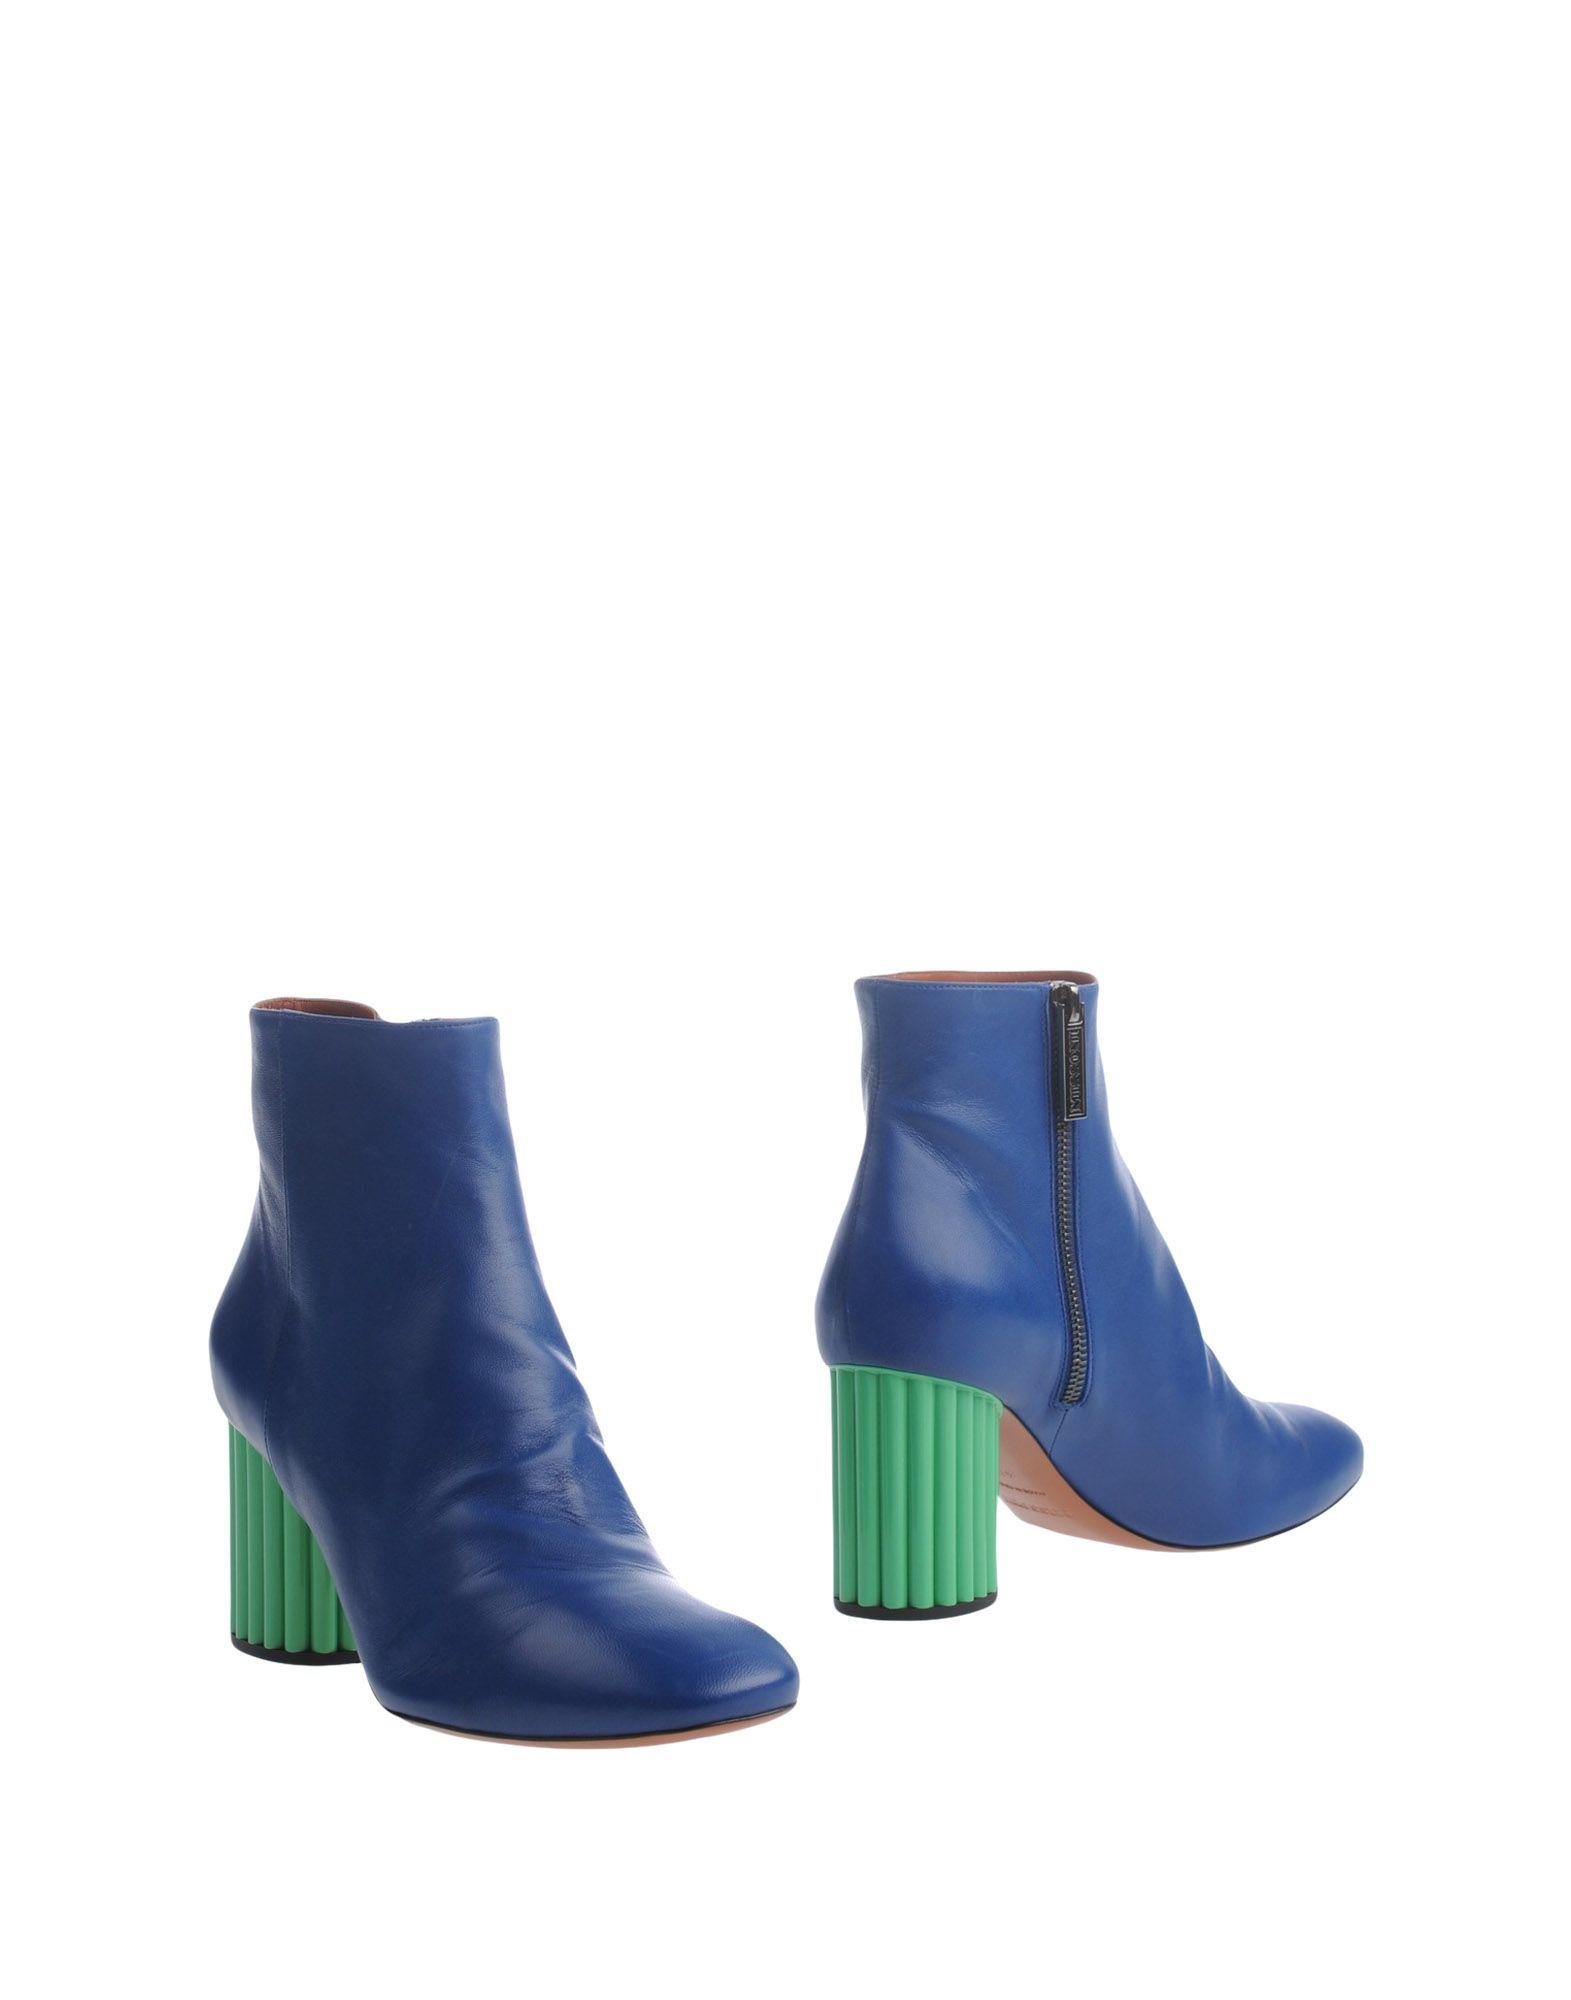 Schuhe Missoni Stiefelette Damen  11237821RN Heiße Schuhe  a864c1